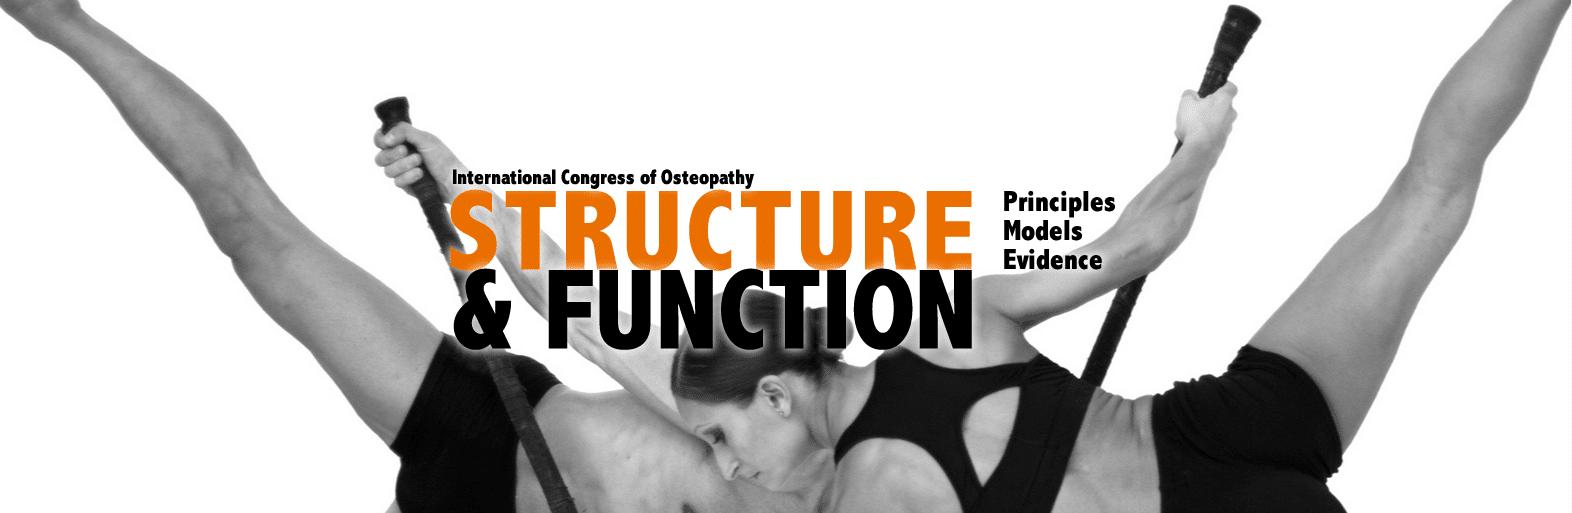 structurefunction